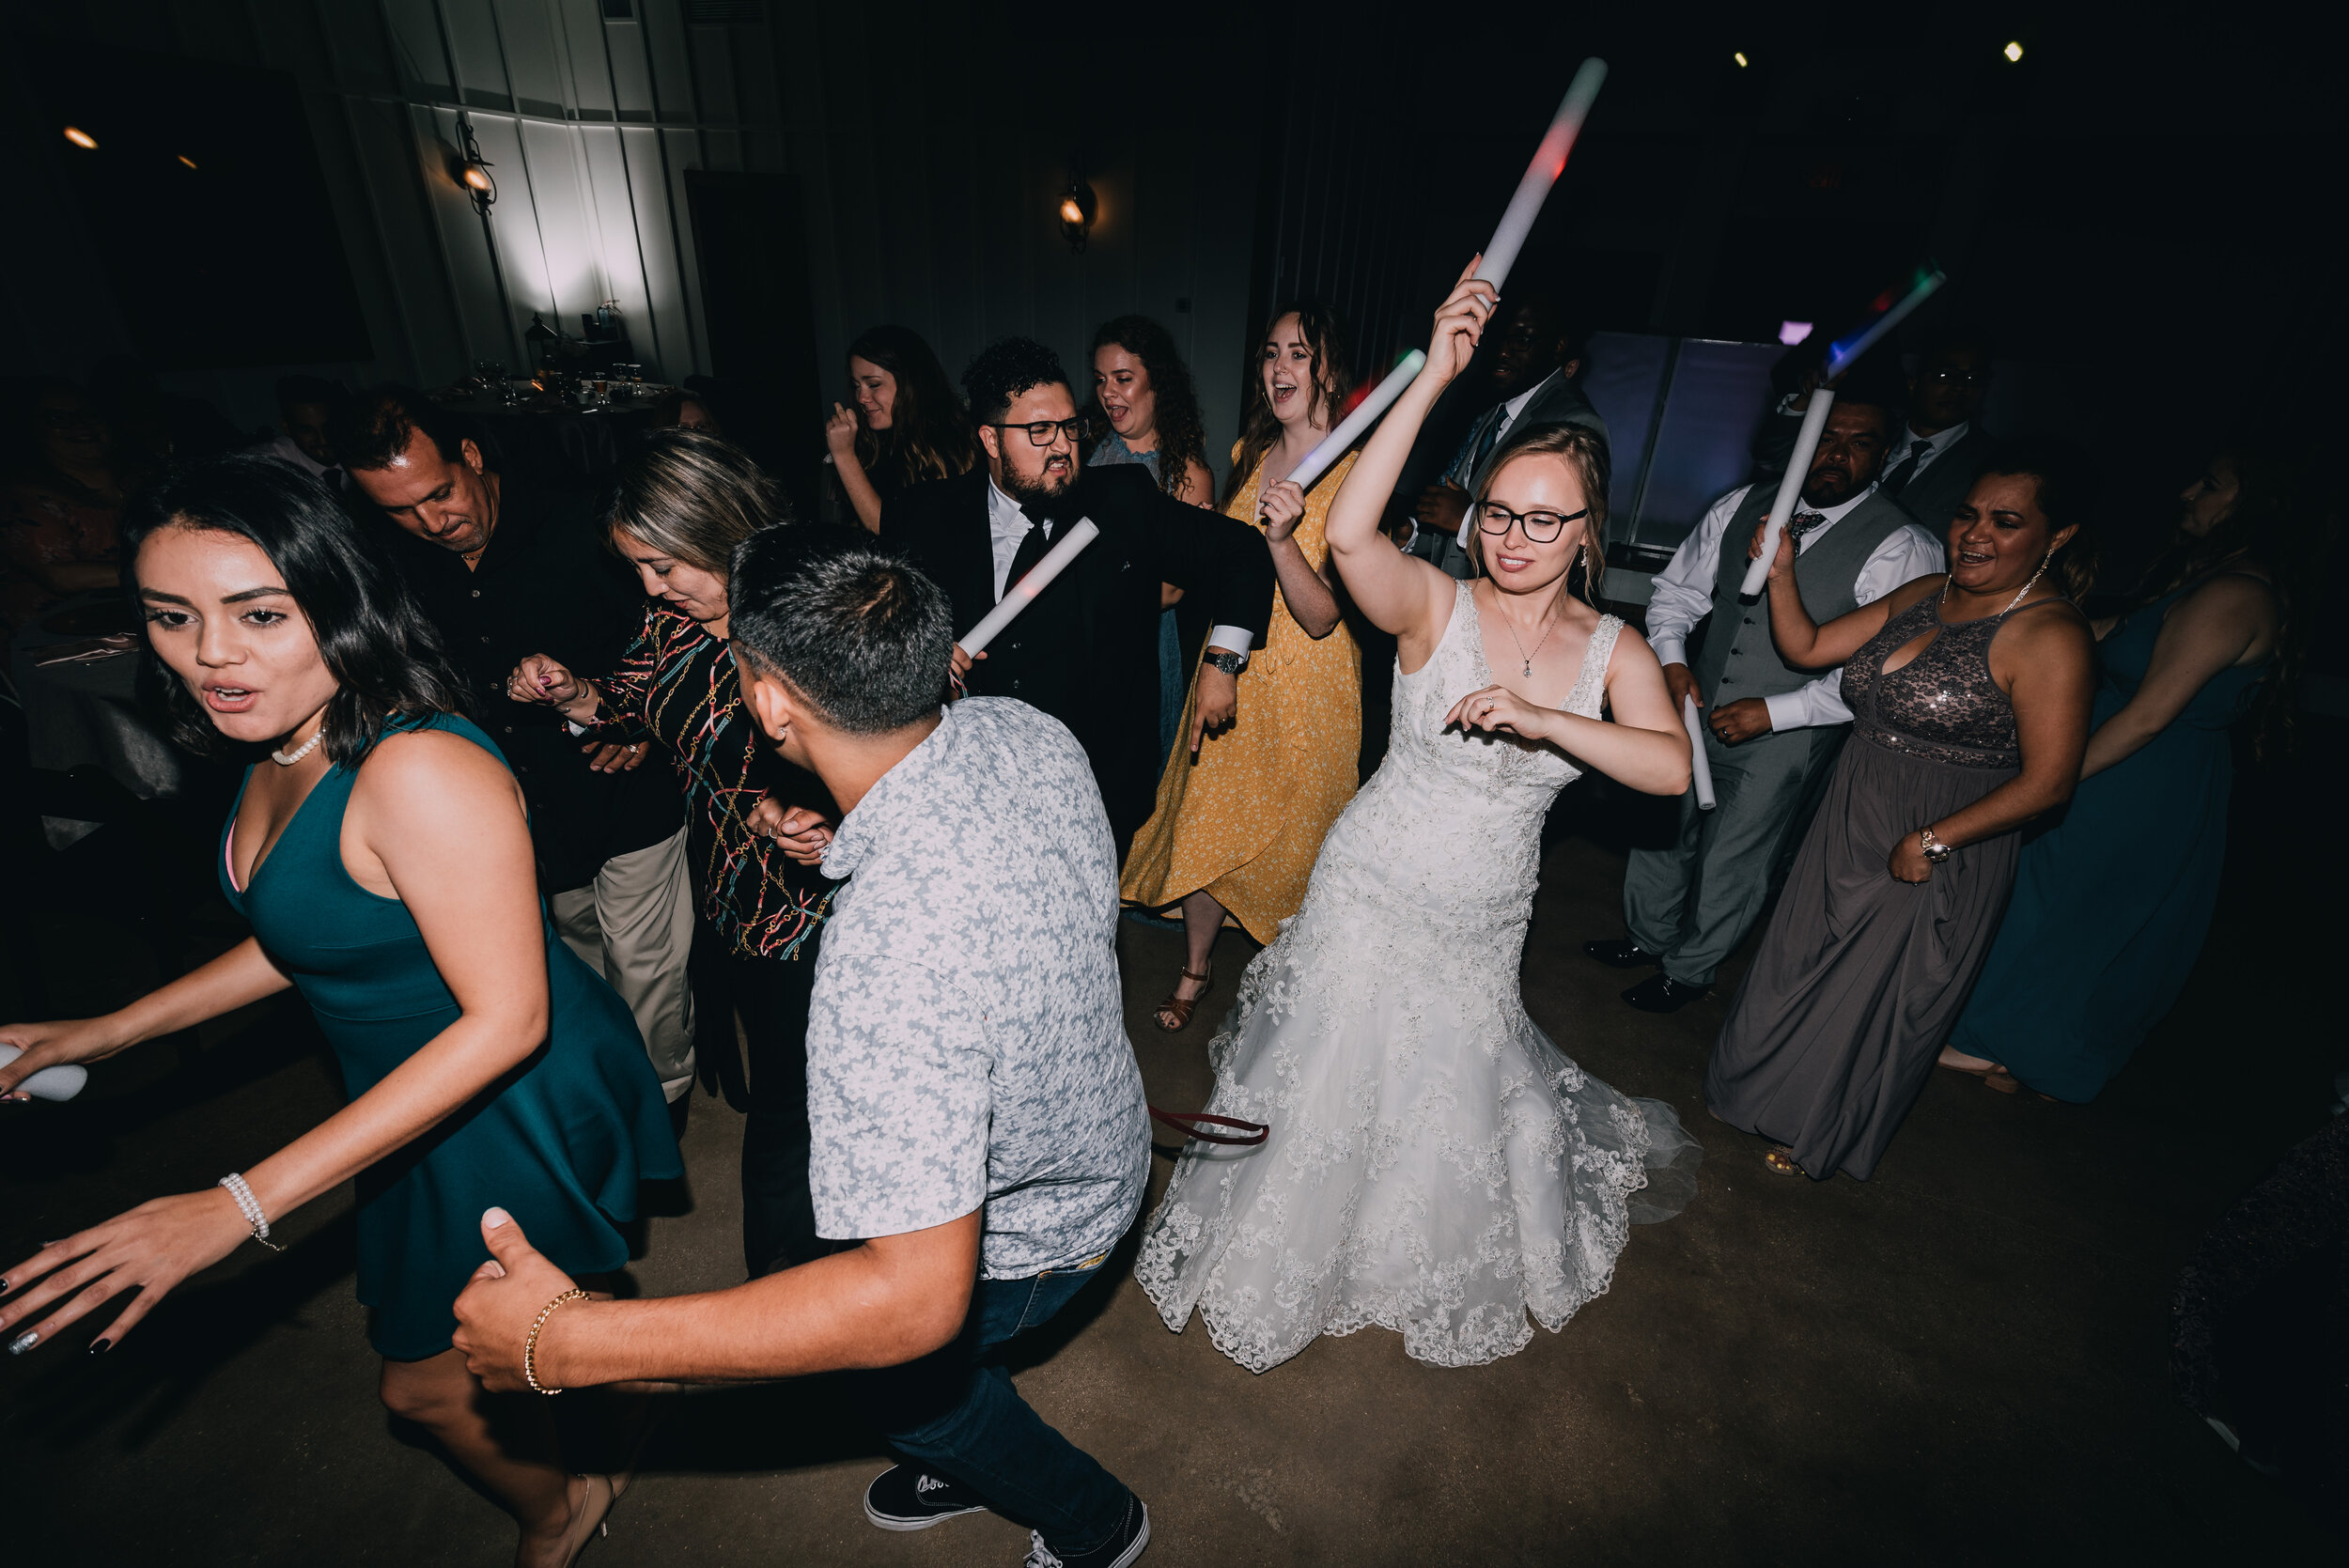 Alex and Haley Wedding 2019 (Austin Daniel Photo) (811 of 896).JPG